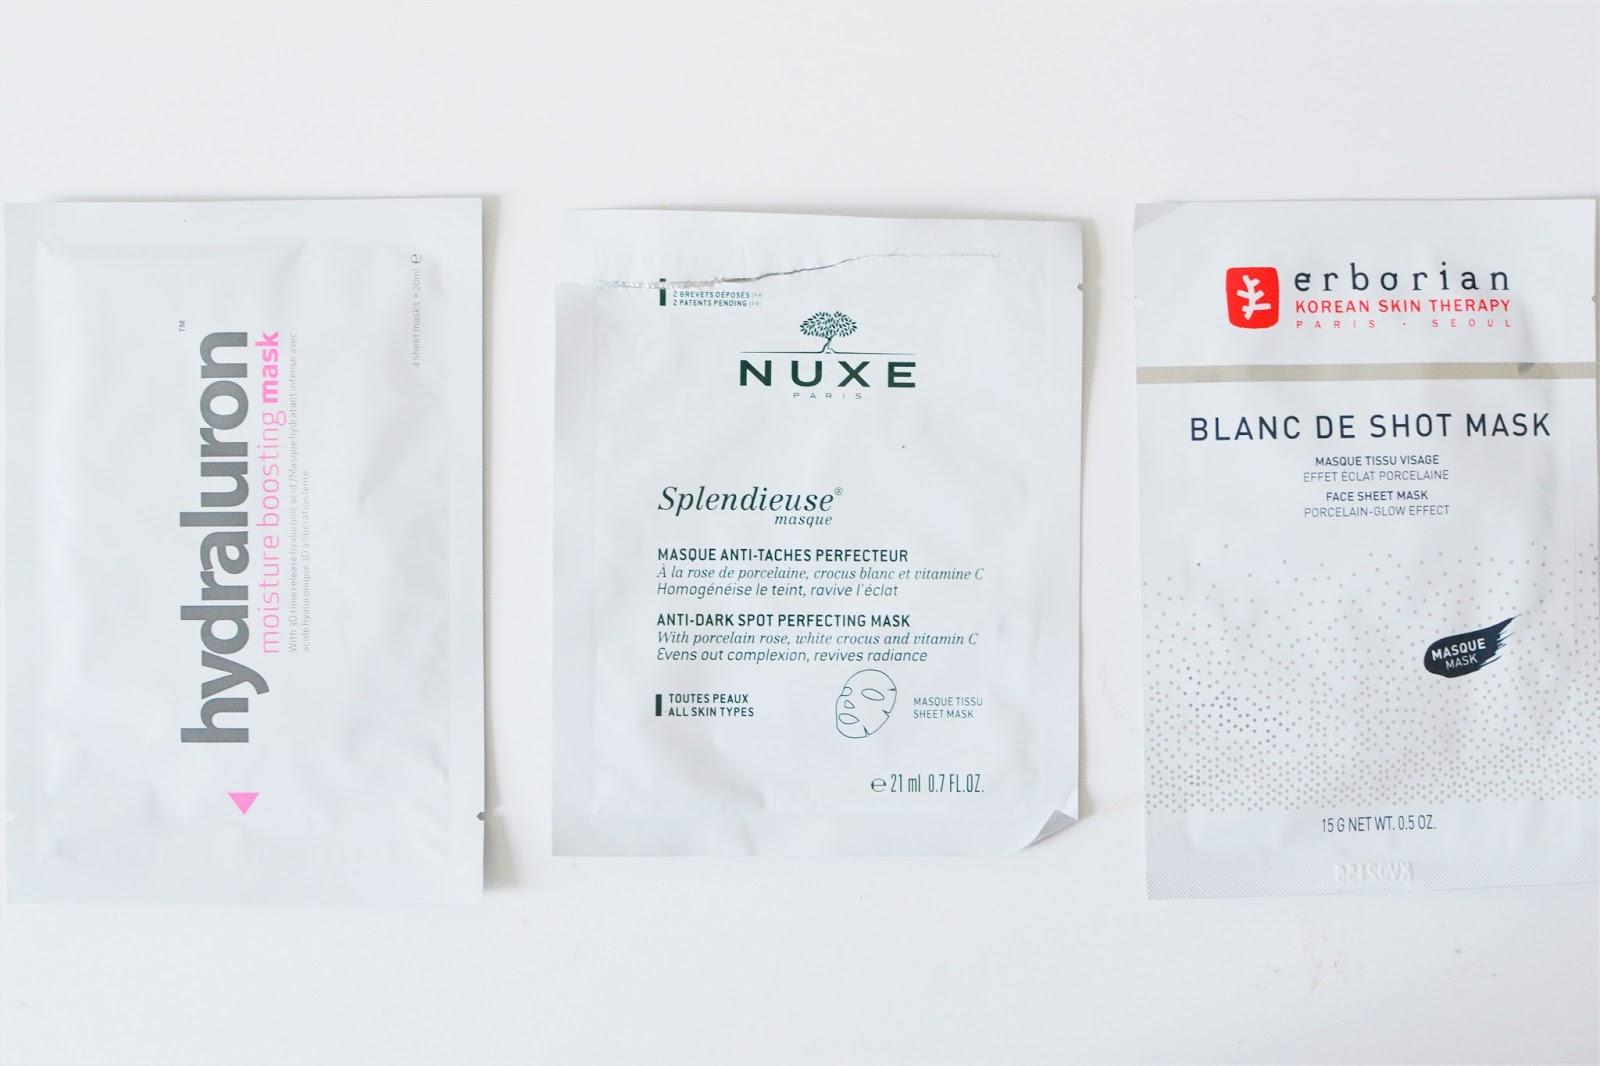 sheet masks hydraluron nuxe erborian